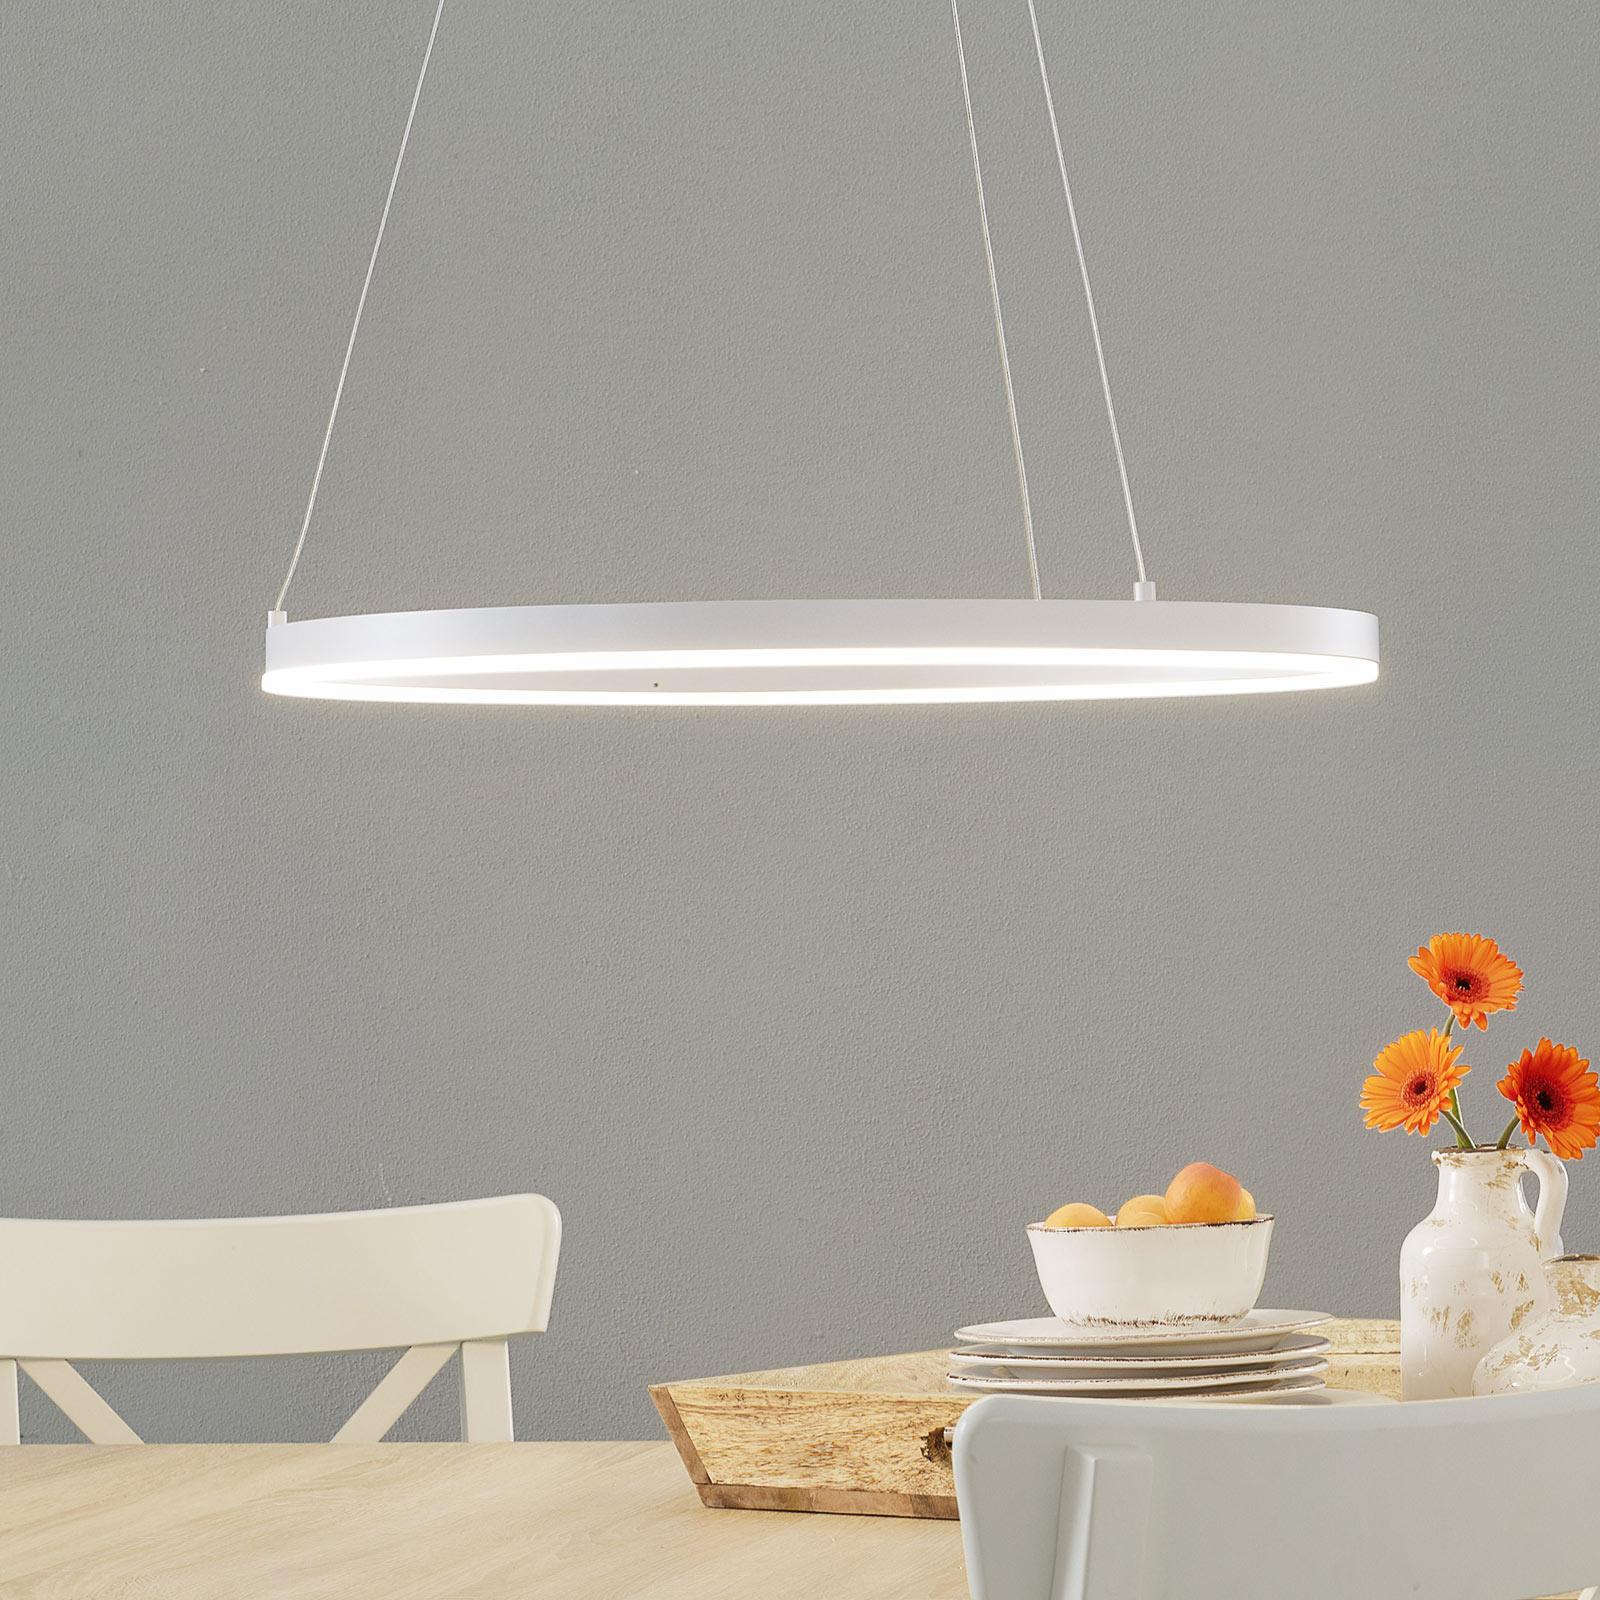 LED-pendellampa Vaasa, dimbar, vit